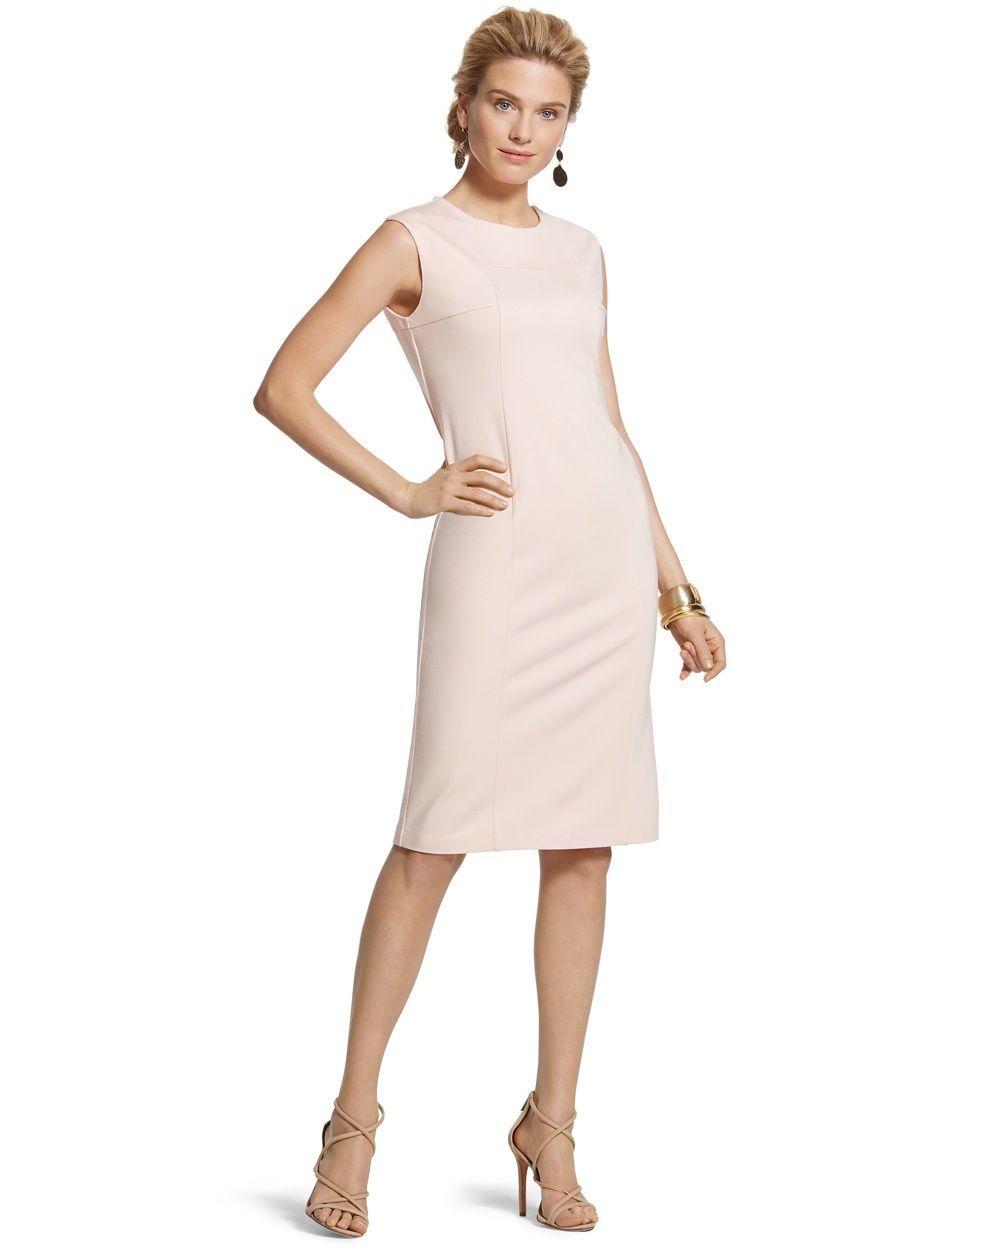 5a9ce4df84c Chico s Women s Jackie Sleeveless Dress